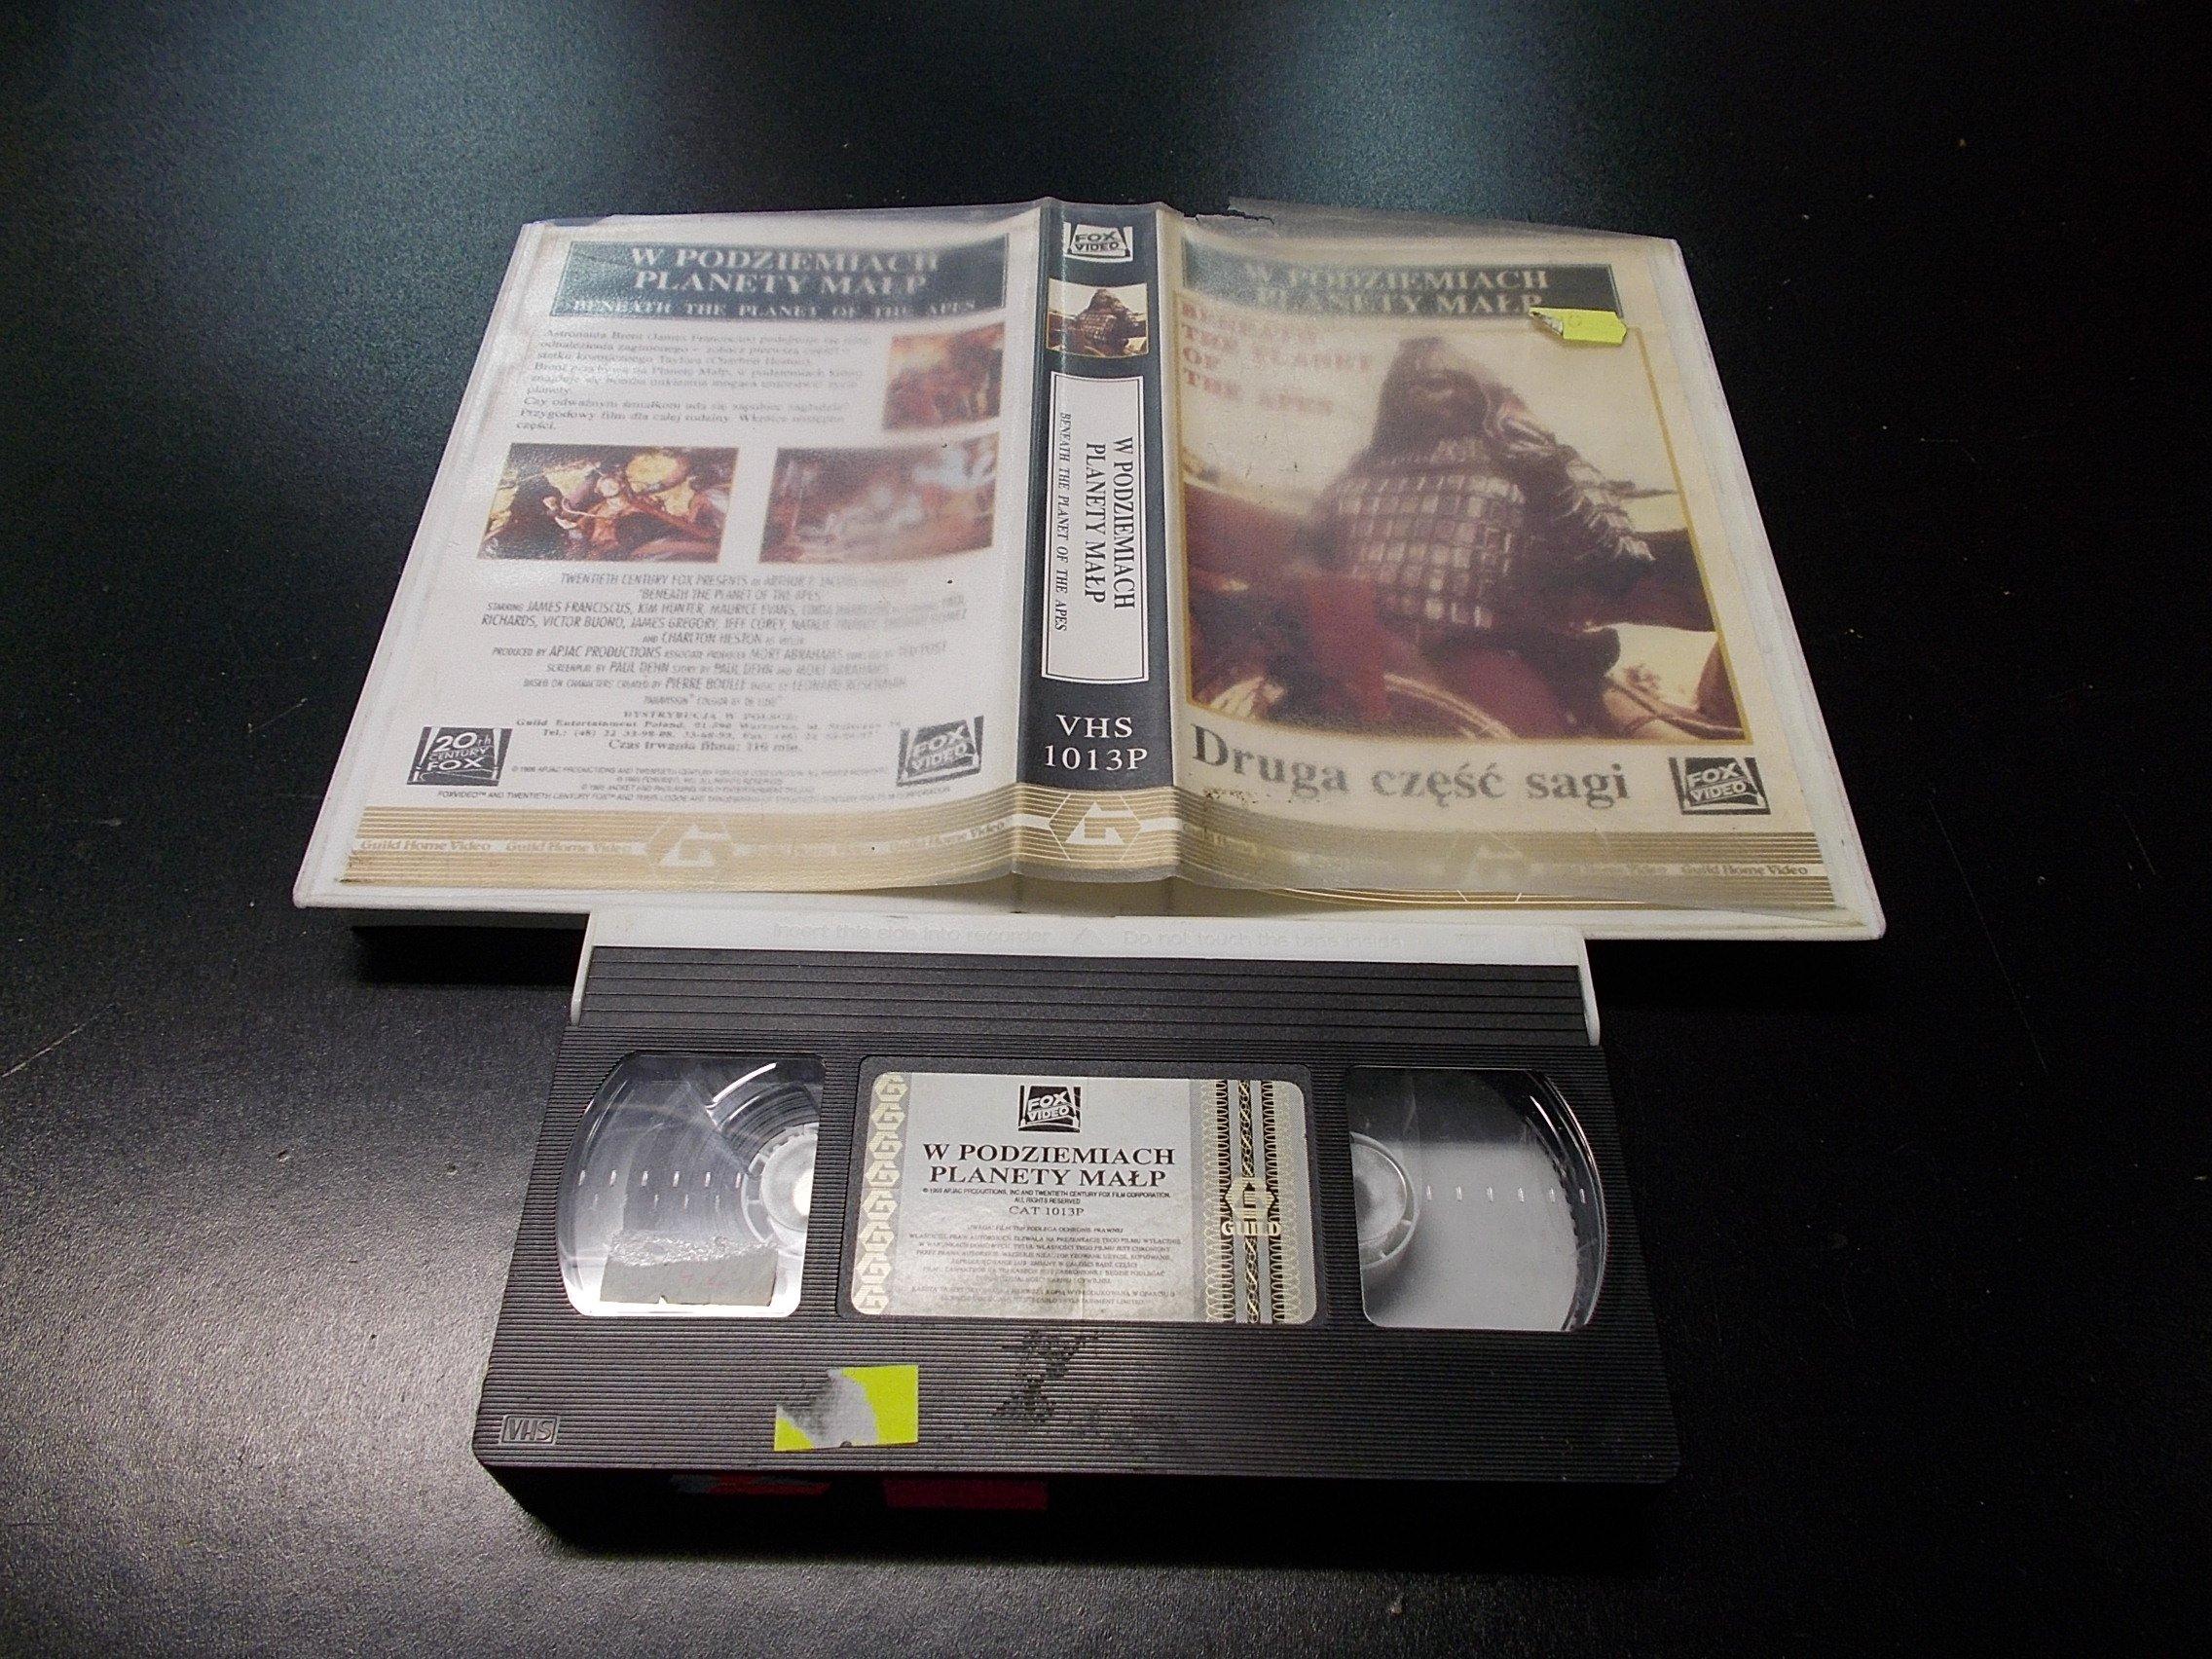 W PODZIEMIACH PLANETY MAŁP  -  kaseta VHS - 1303 Opole - AlleOpole.pl